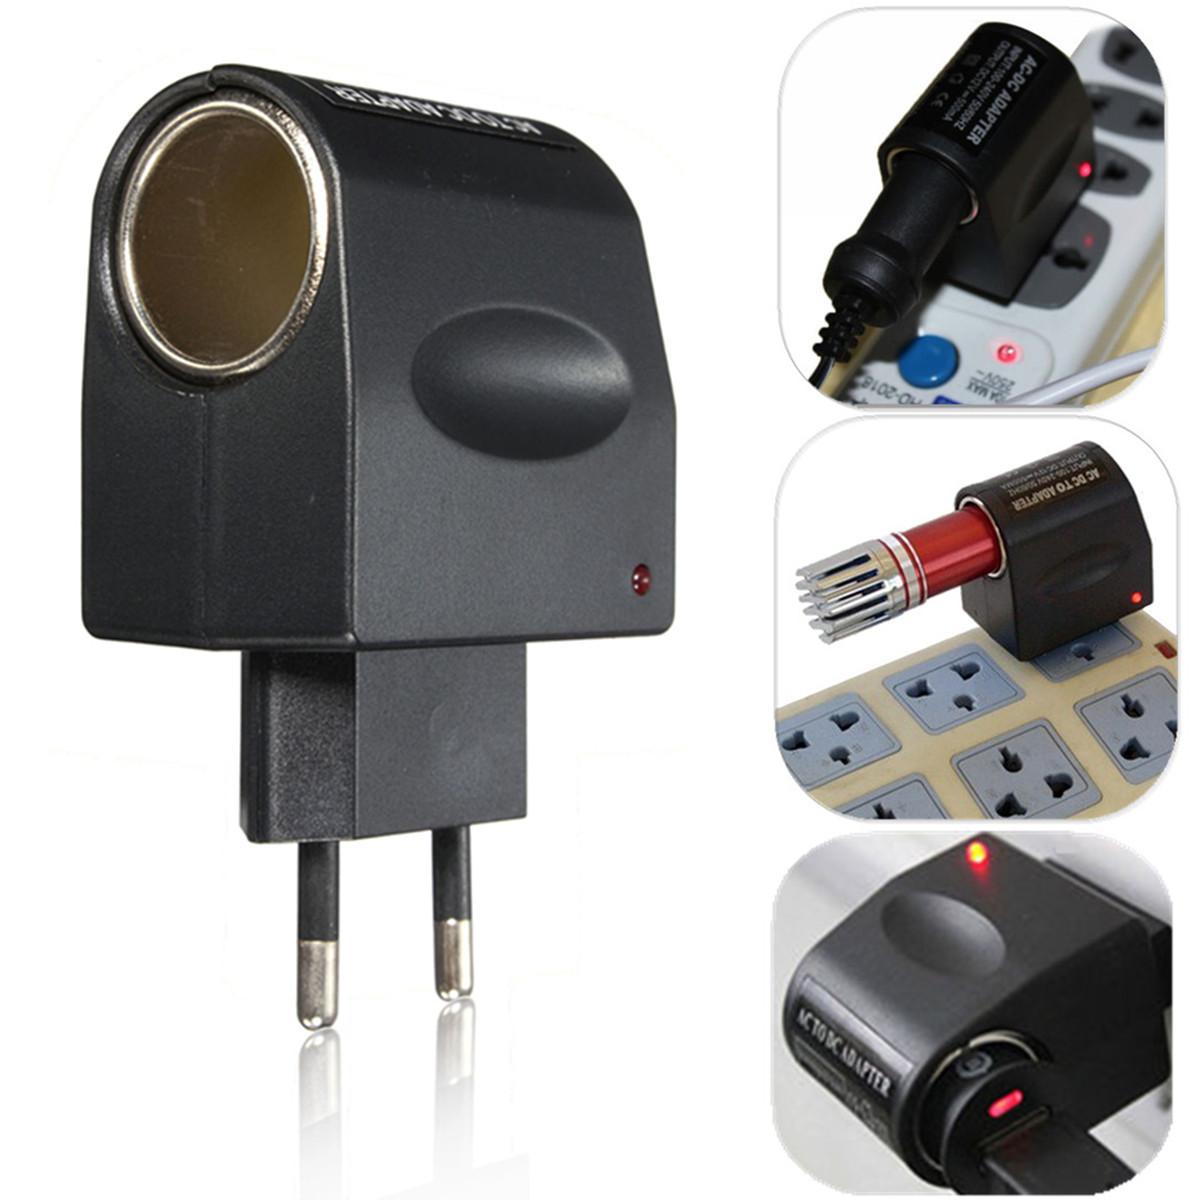 universel secteur ac 220v vers dc 12v voiture allume cigare chargeur adaptateur. Black Bedroom Furniture Sets. Home Design Ideas